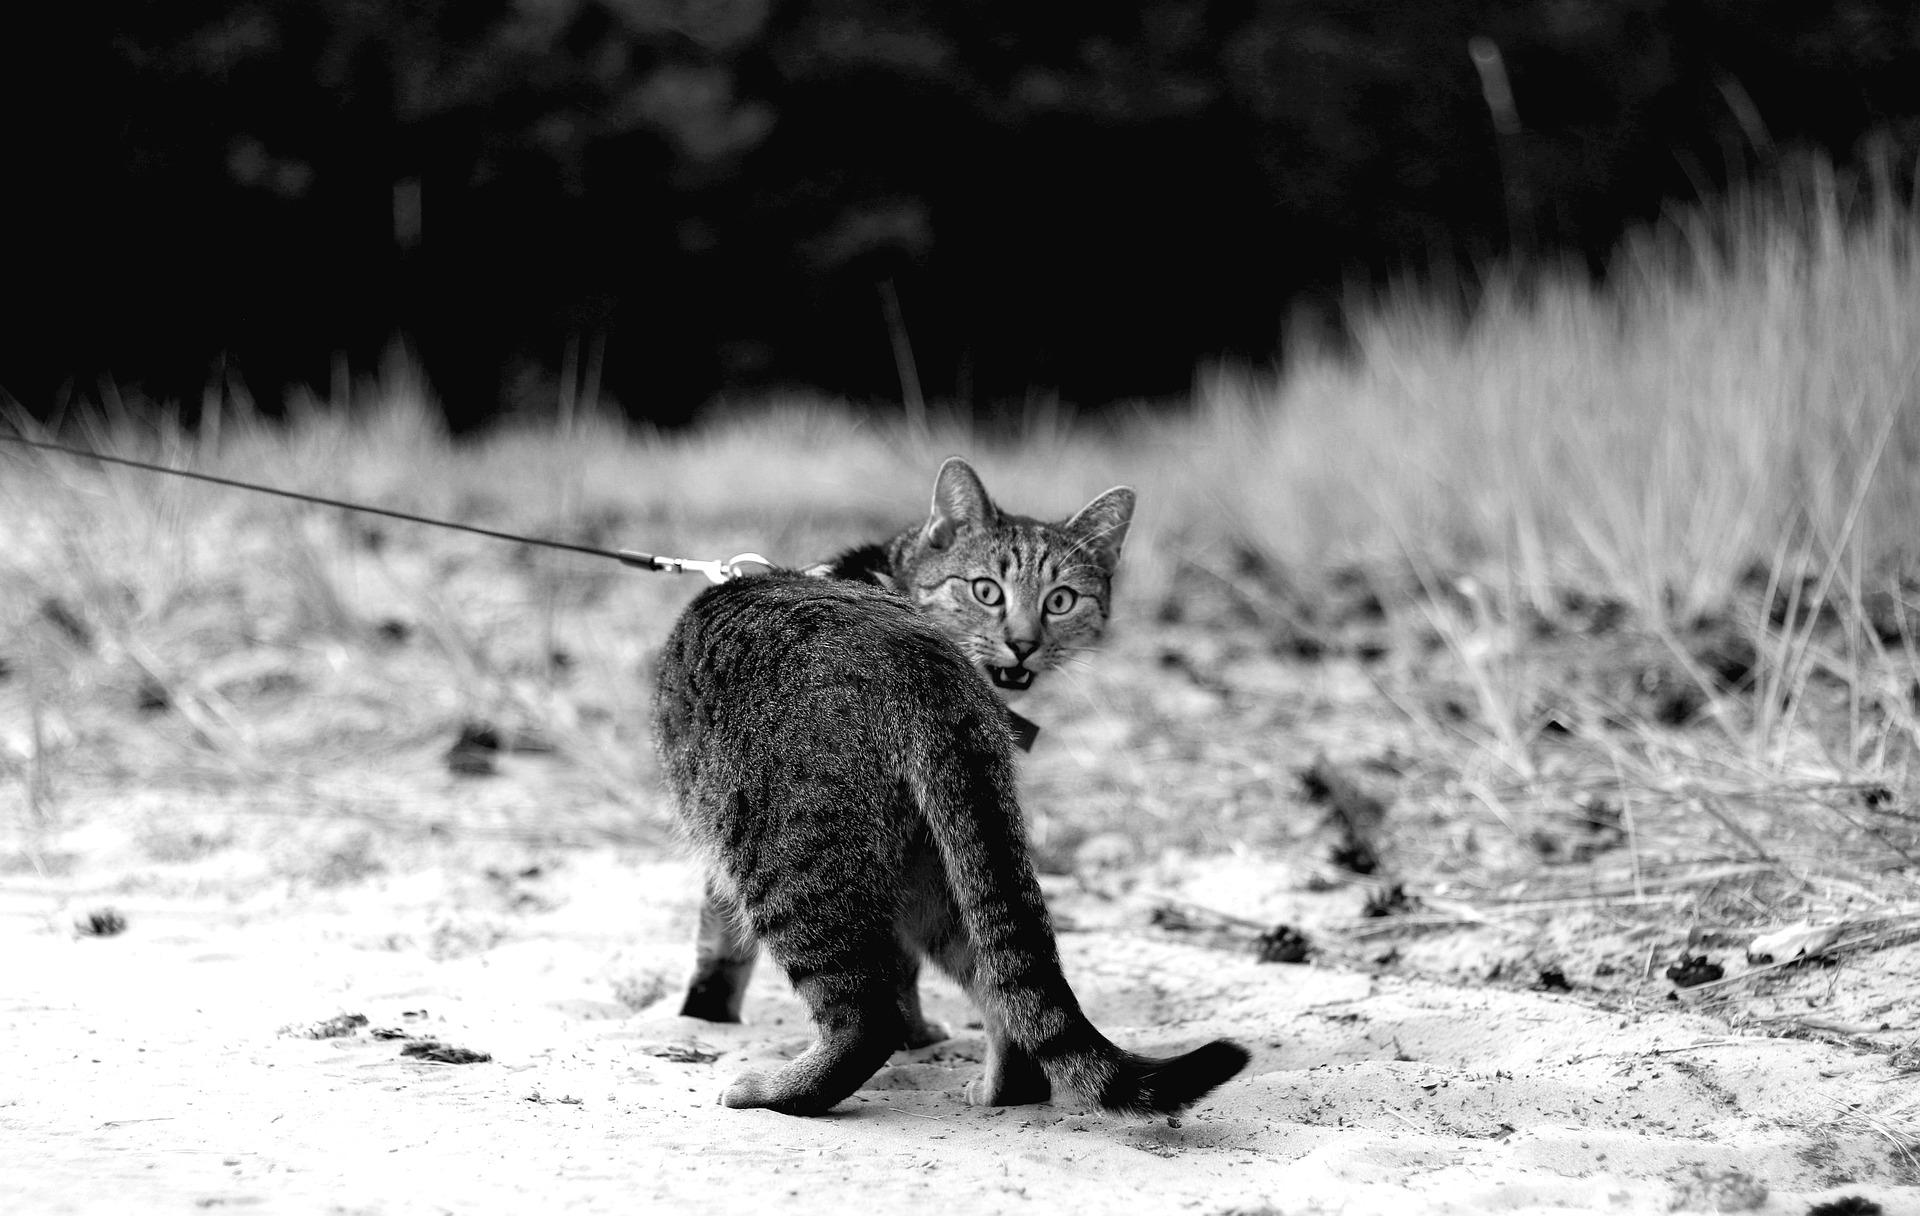 Nauka chodzenia kota na smyczy zawsze powinna zaczynać się w domu - na terenie bezpiecznym i pewnym. Akcesoria spacerowe zawsze powinny być na widoku, tak aby kot mógł się z nimi oswoić i przyzwyczaić. Po nauce zakładania smyczy i szelek należy kota nagrodzić.